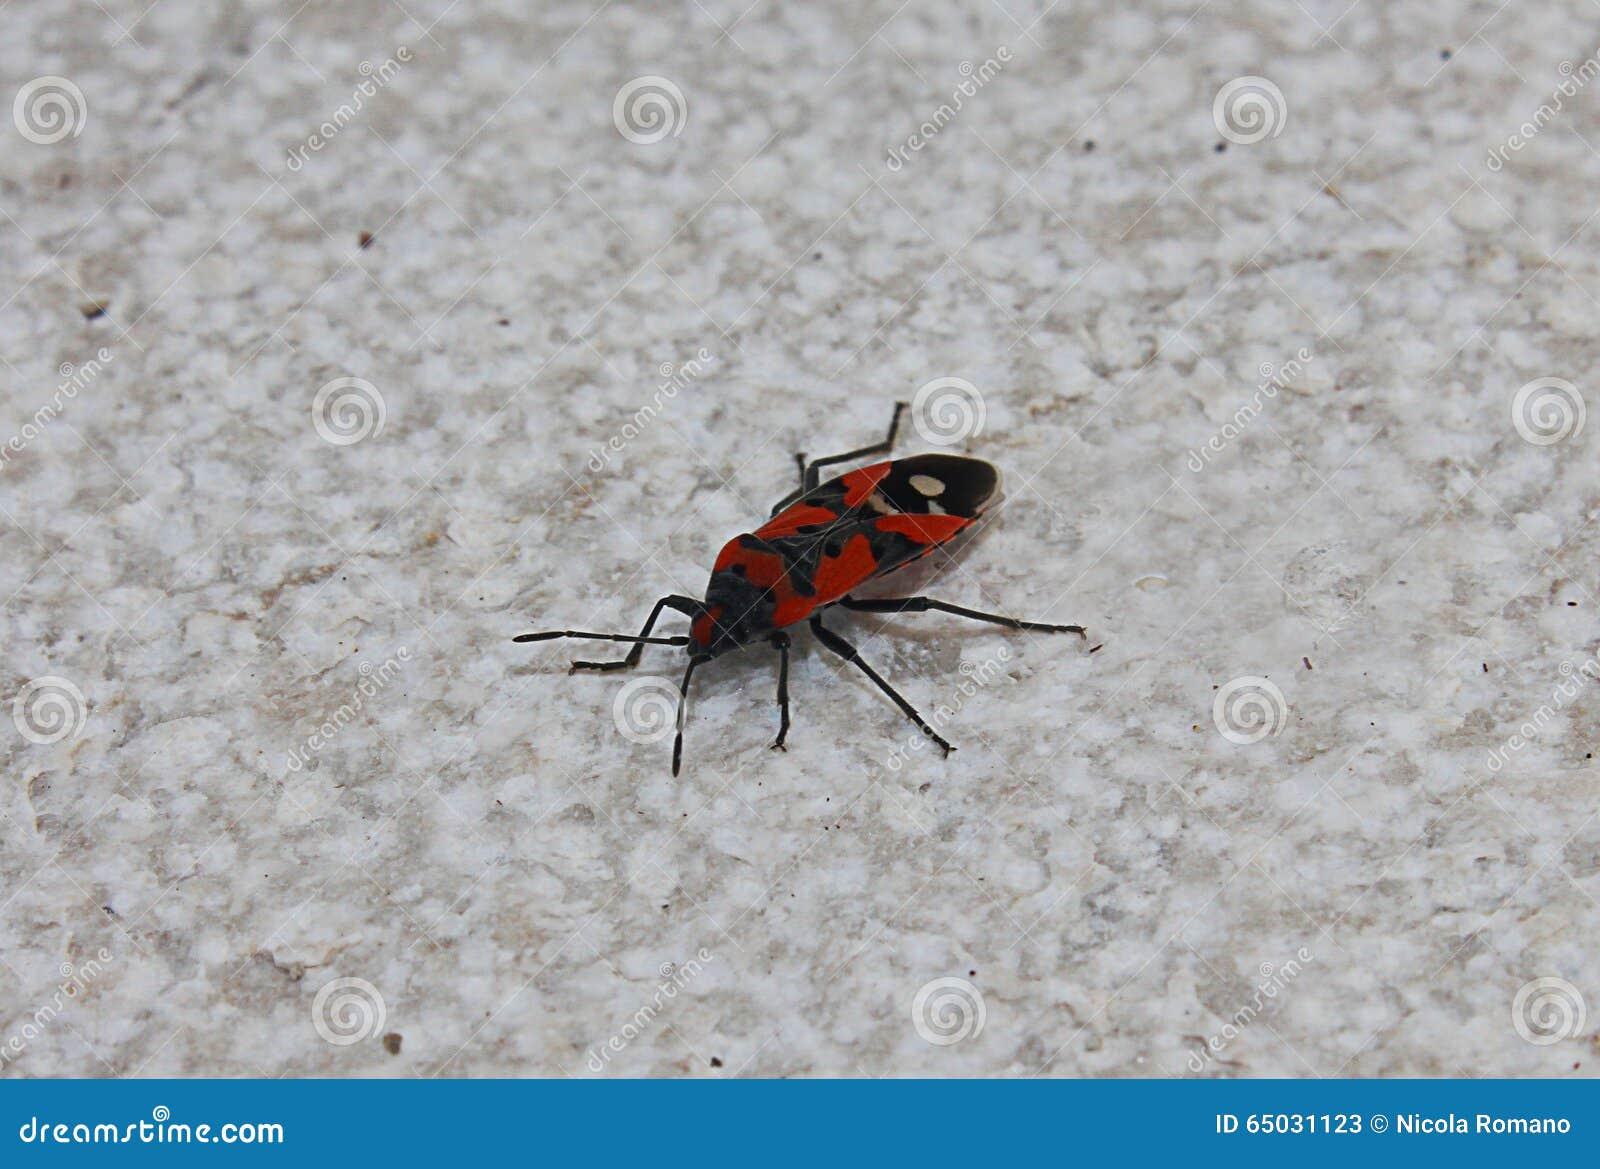 Insecte d 39 insecte rouge et noir photo stock image 65031123 - Insecte rouge et noir ...